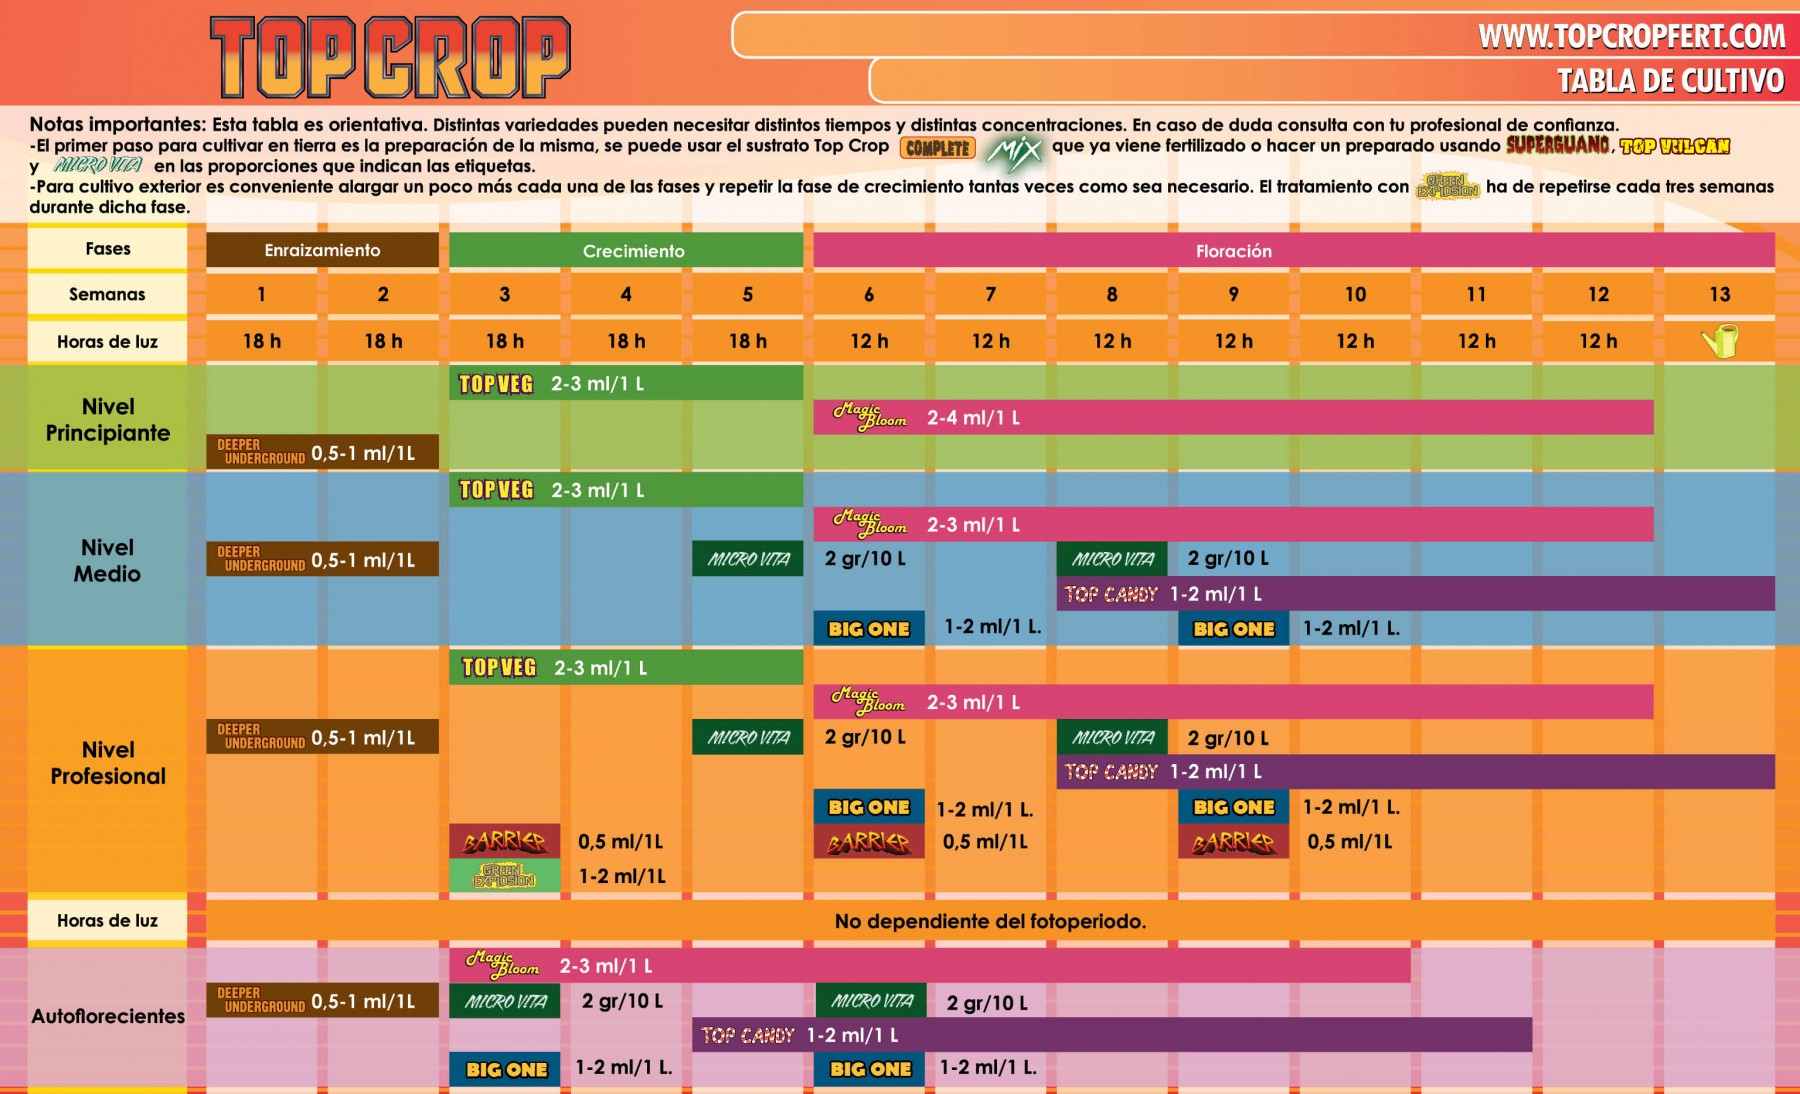 tabla cultivo top crop 1